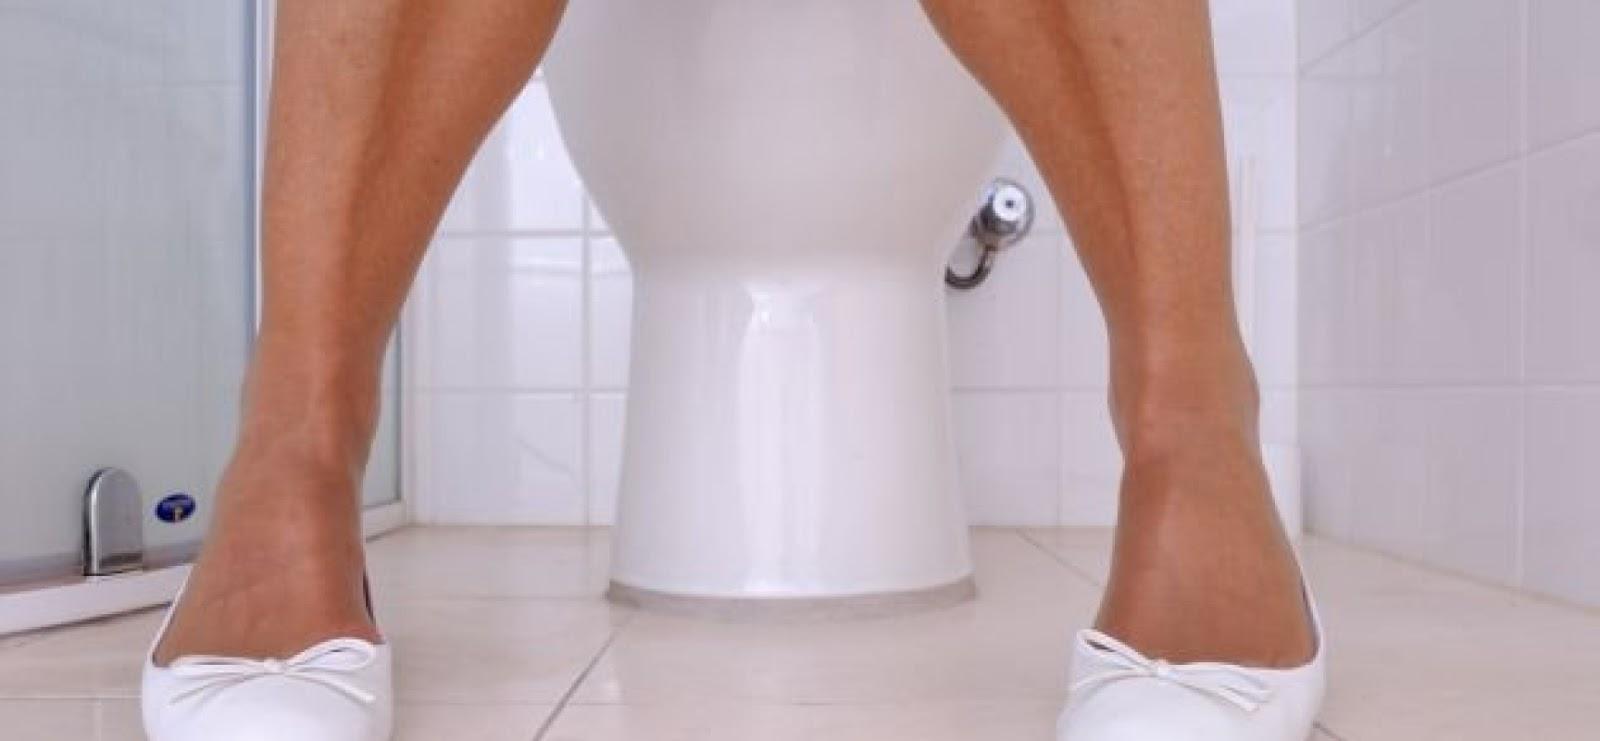 Stitichezza come riuscire ad andare in bagno - Supposte per andare in bagno ...